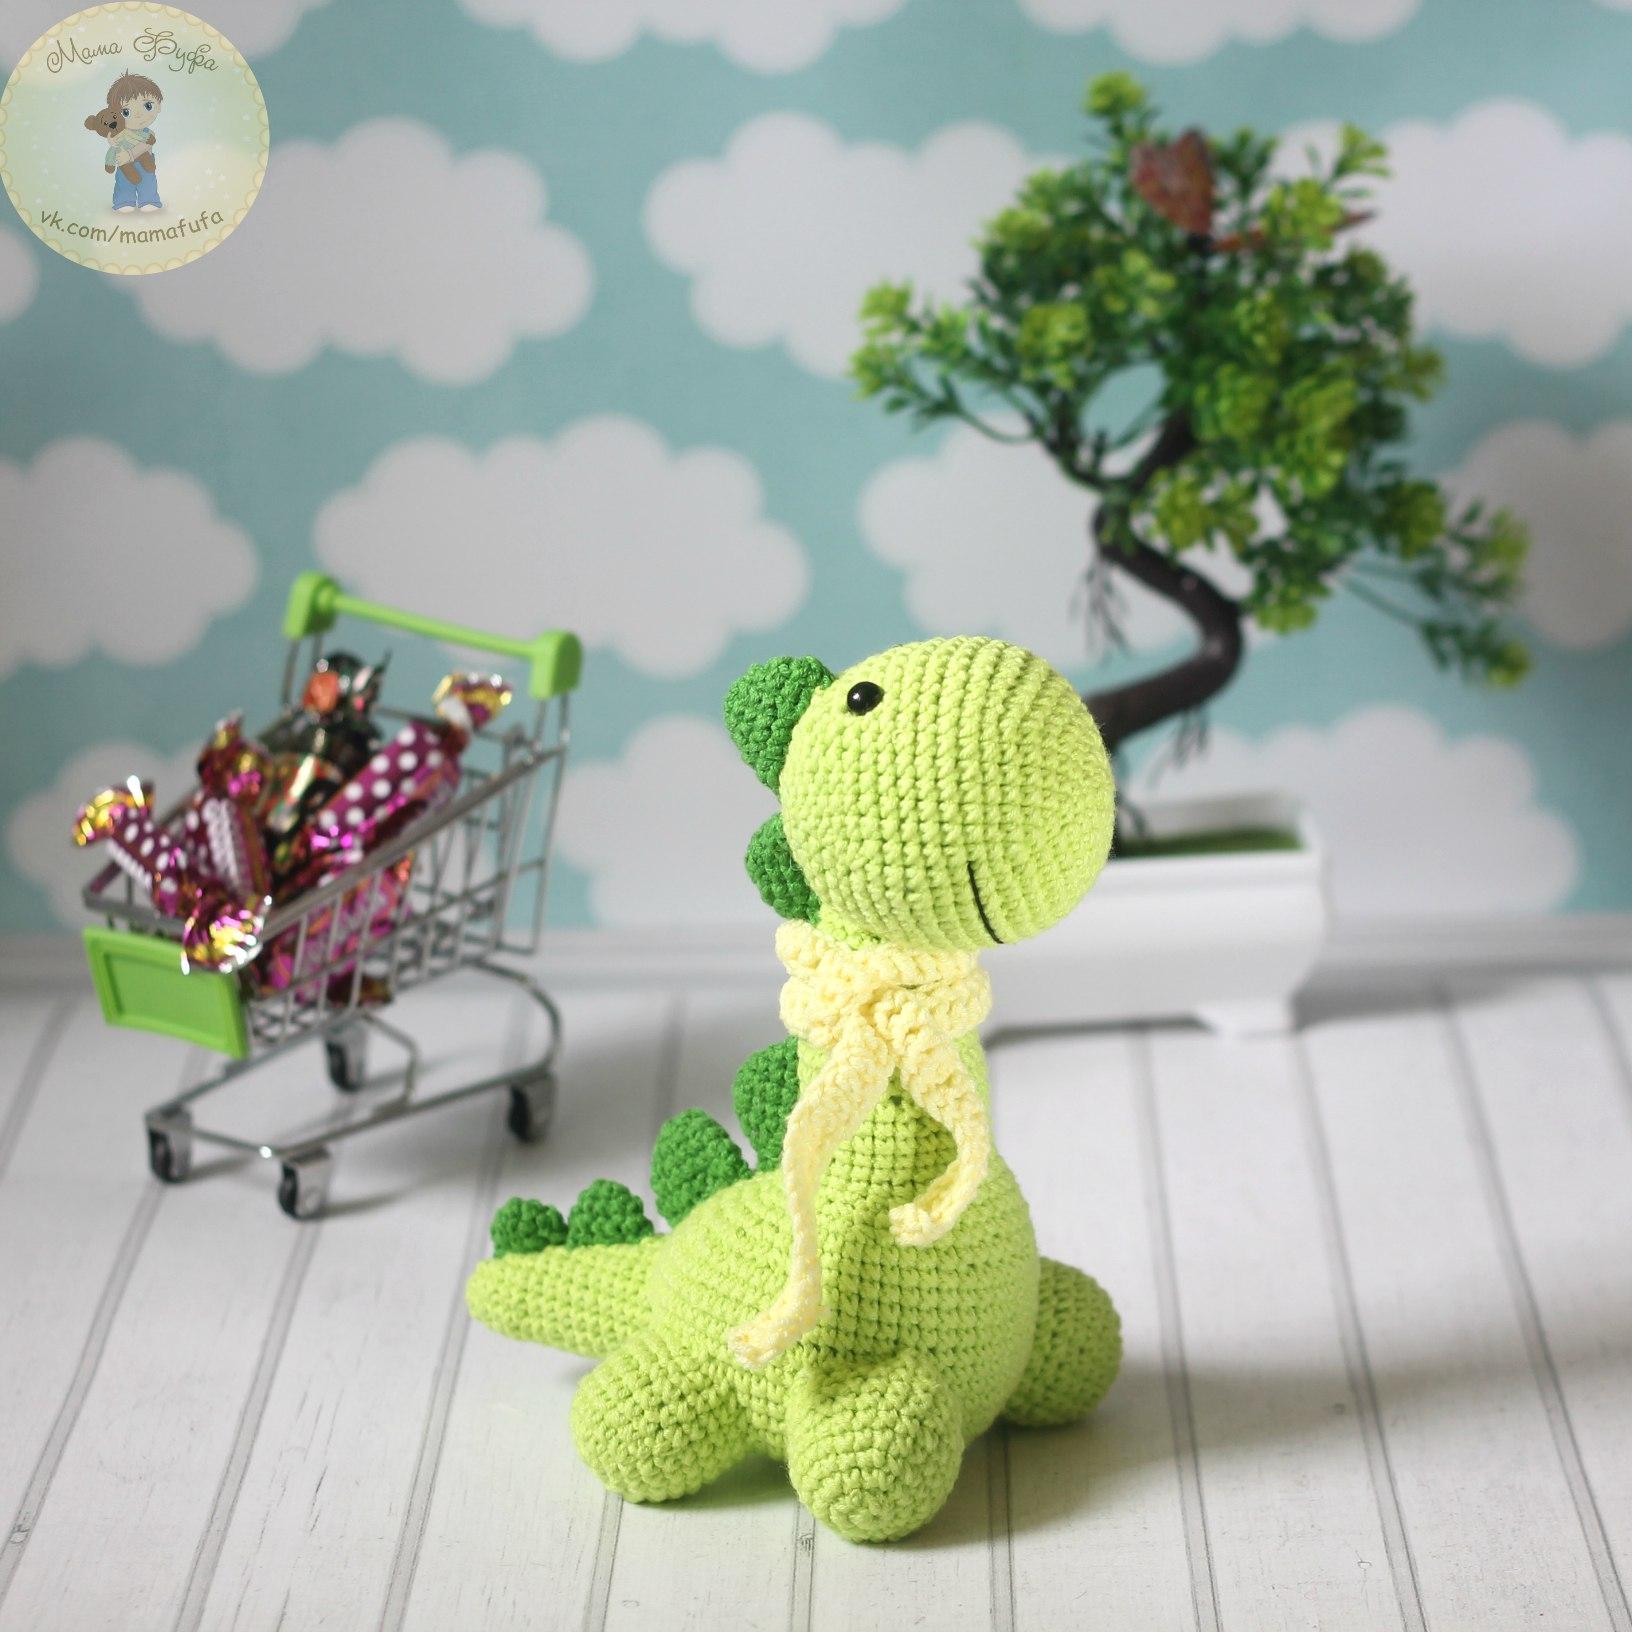 Маленький Динозавр, фото, картинка, схема, описание, бесплатно, крючком, амигуруми